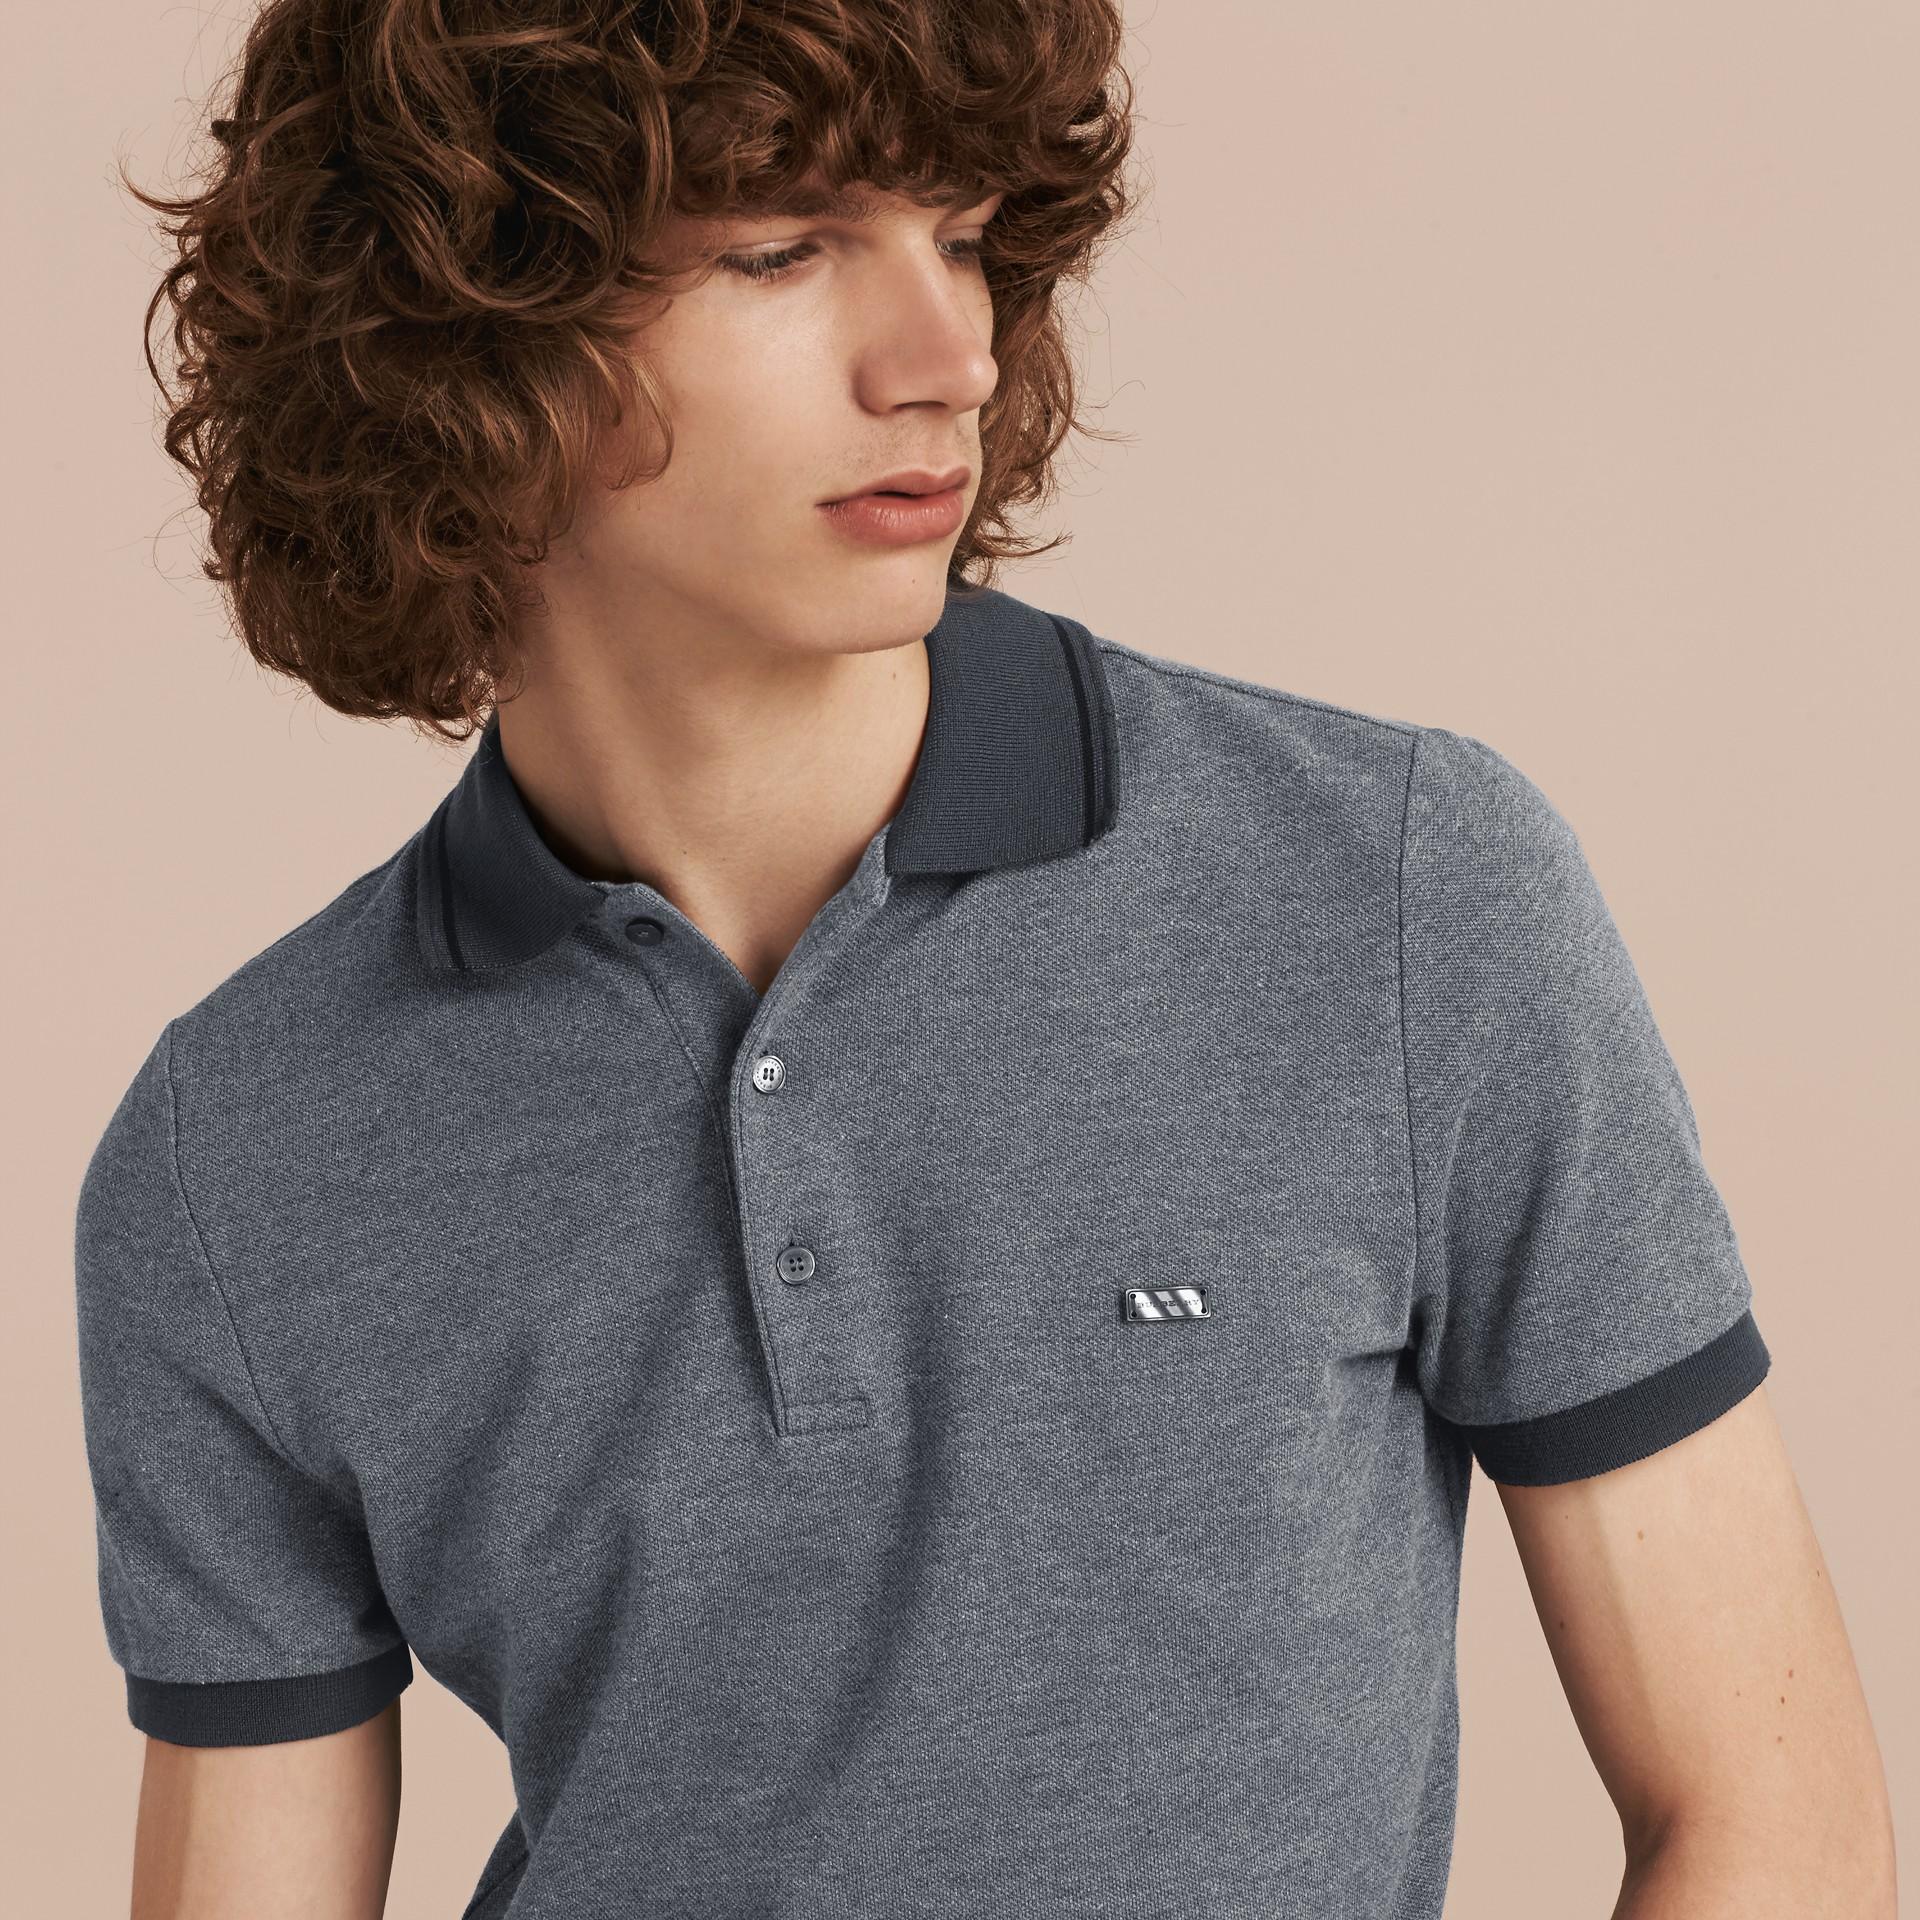 Mid grey melange Camisa polo de algodão piquê com detalhes contrastantes Mid Grey Melange - galeria de imagens 5